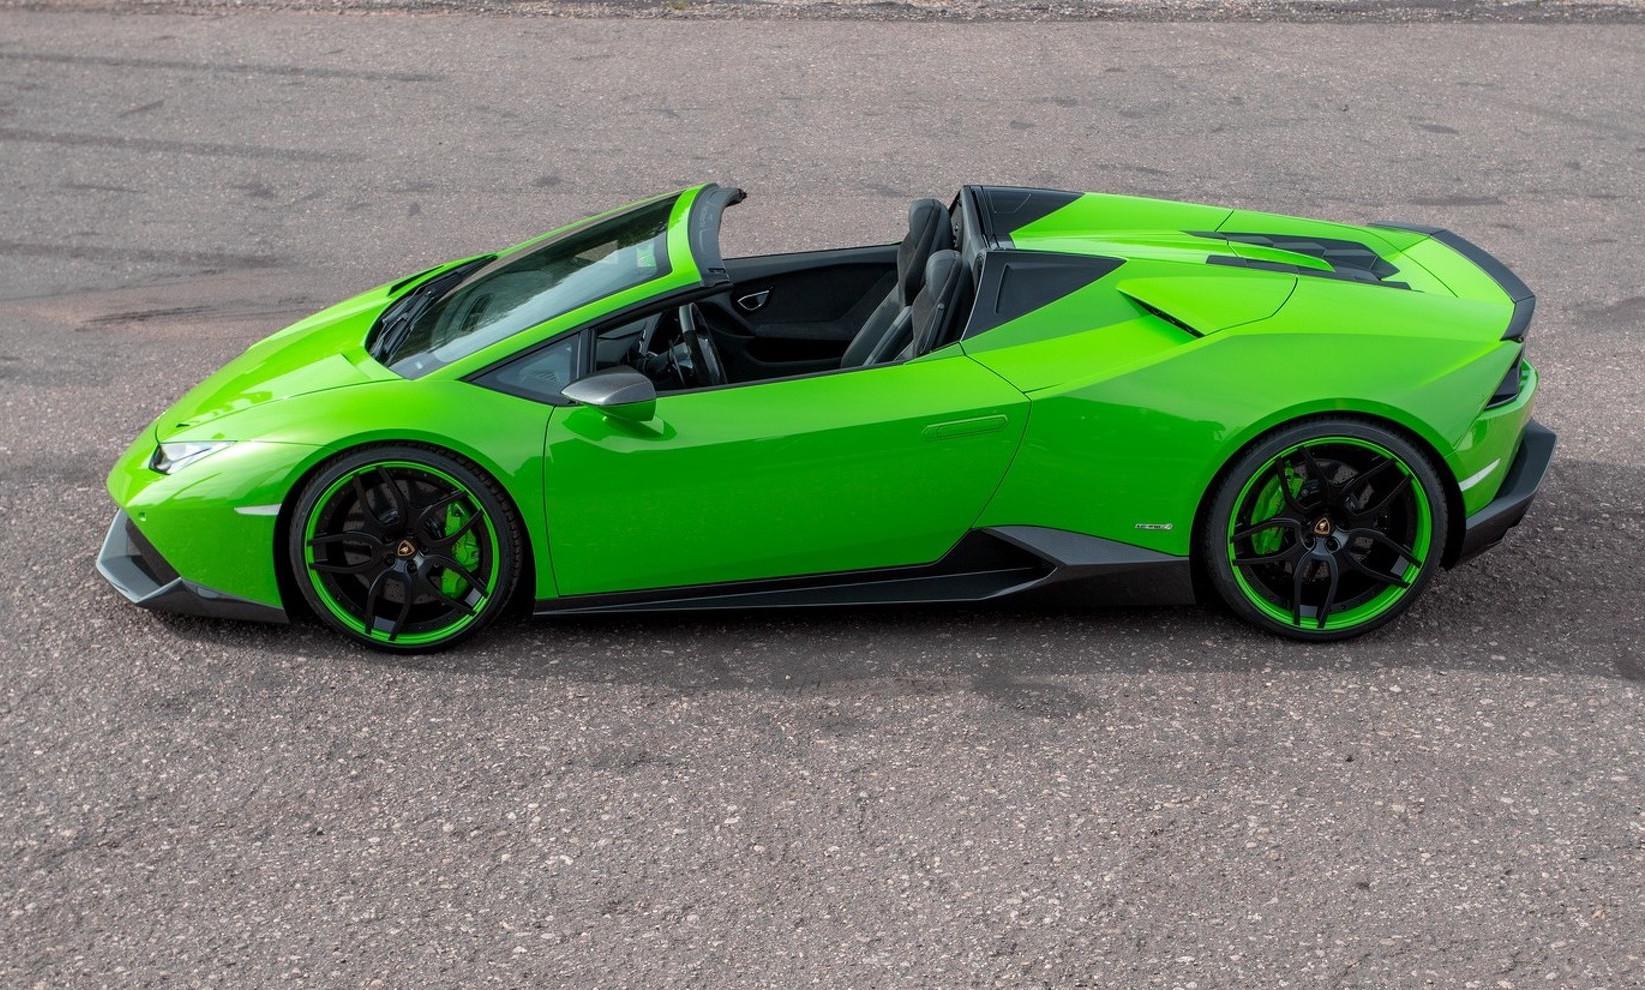 Novitec Develops Supercharger Kit For Lamborghini Huracan Performancedrive